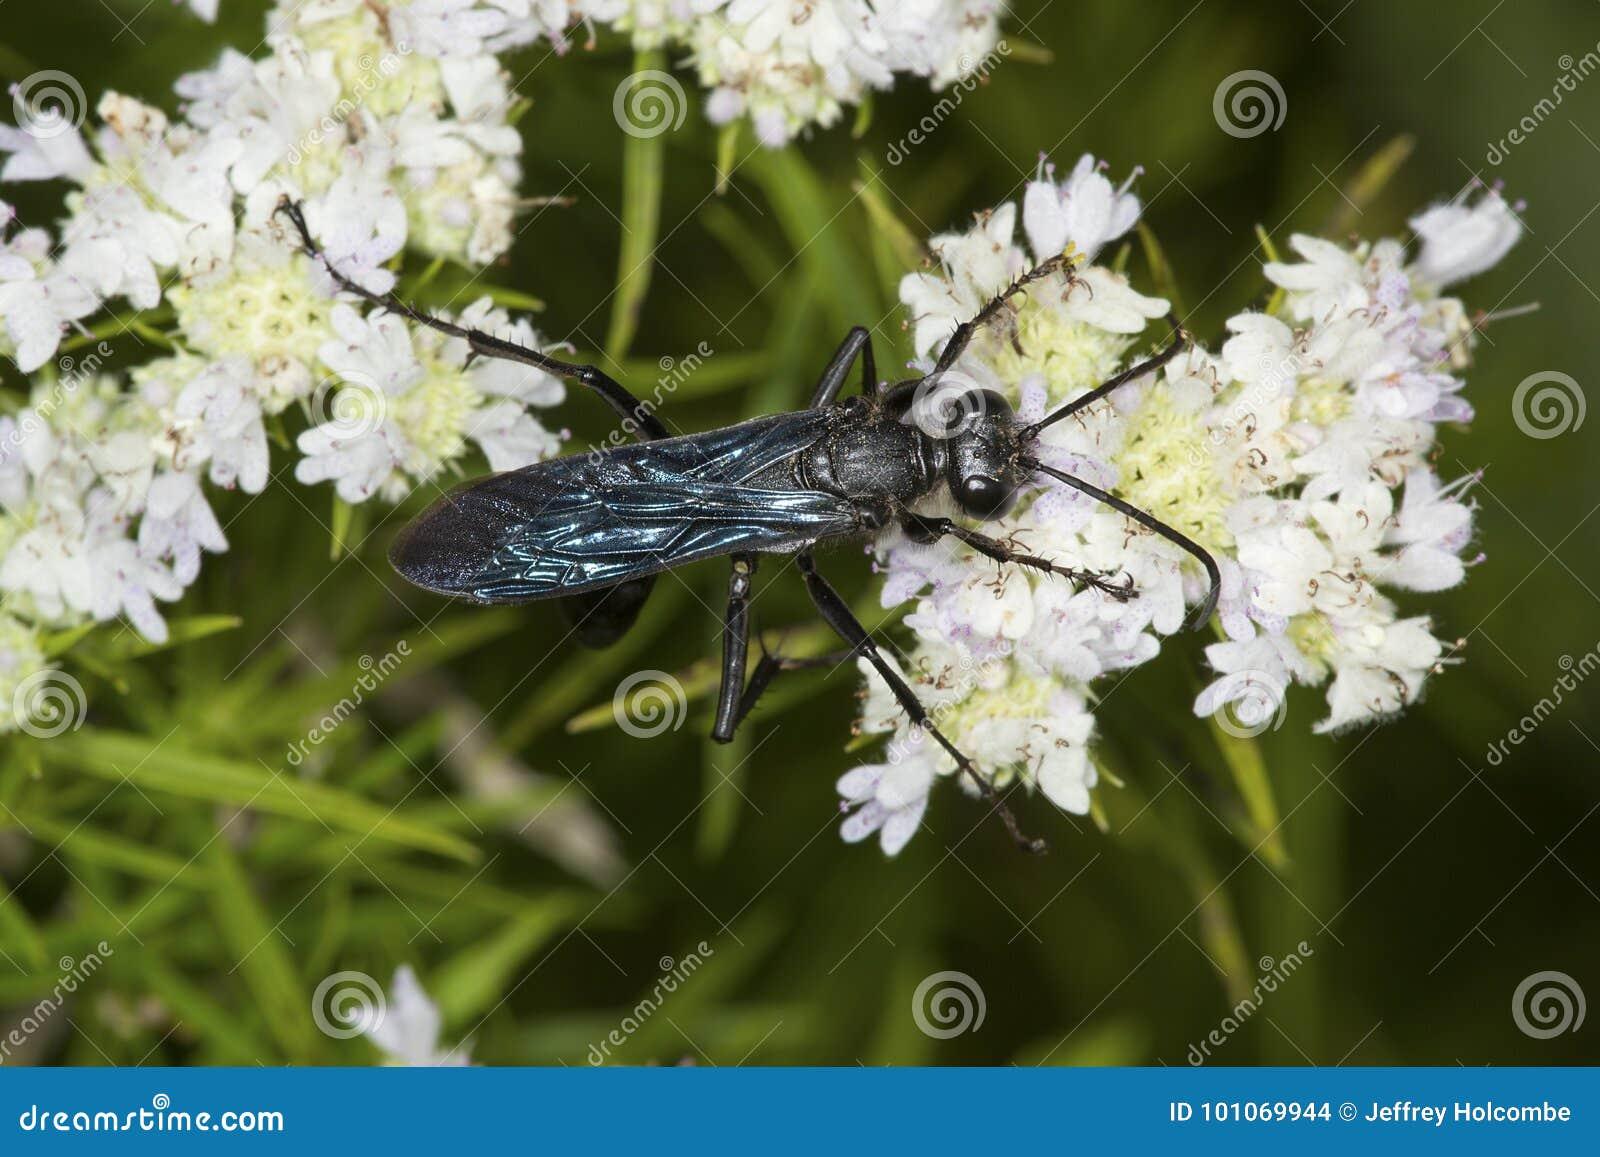 Die Große Schwarze Wespe Die Für Nektar Auf Gebirgsminze Herumsucht